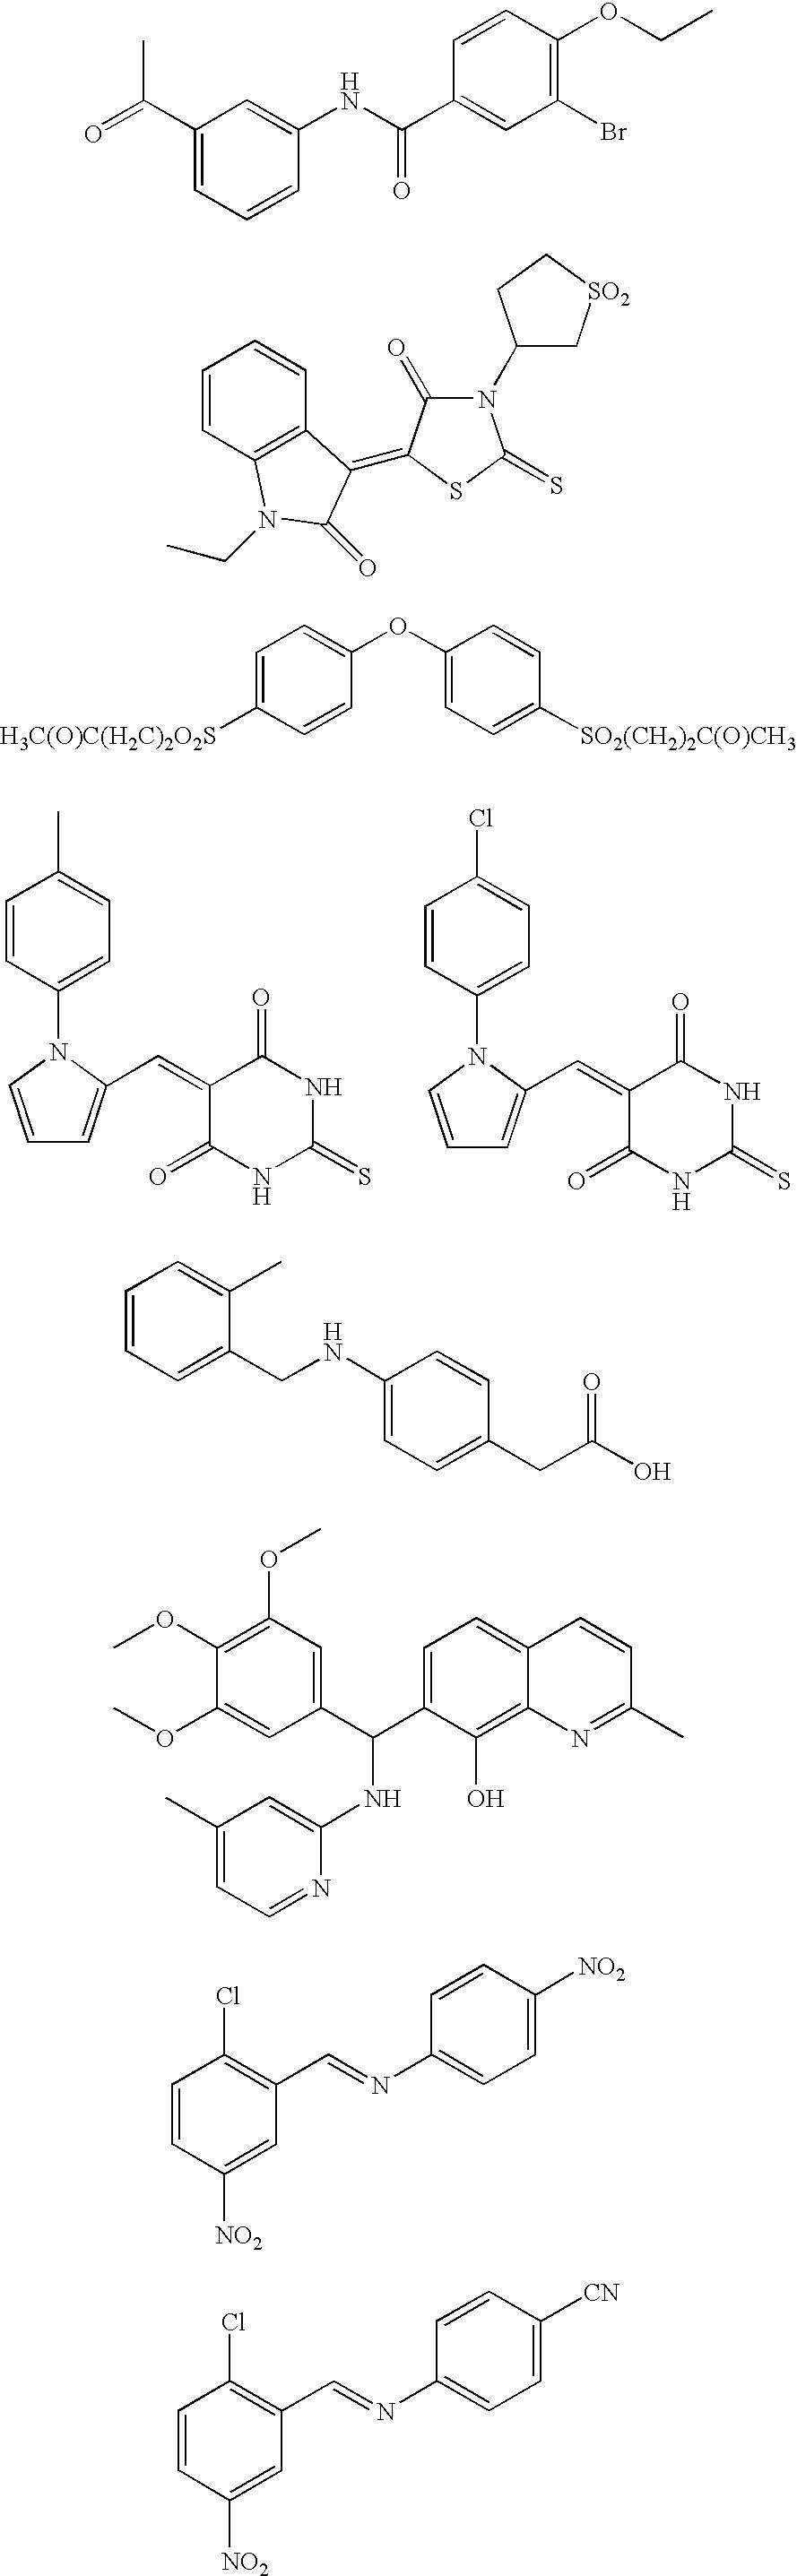 Figure US08119656-20120221-C00037